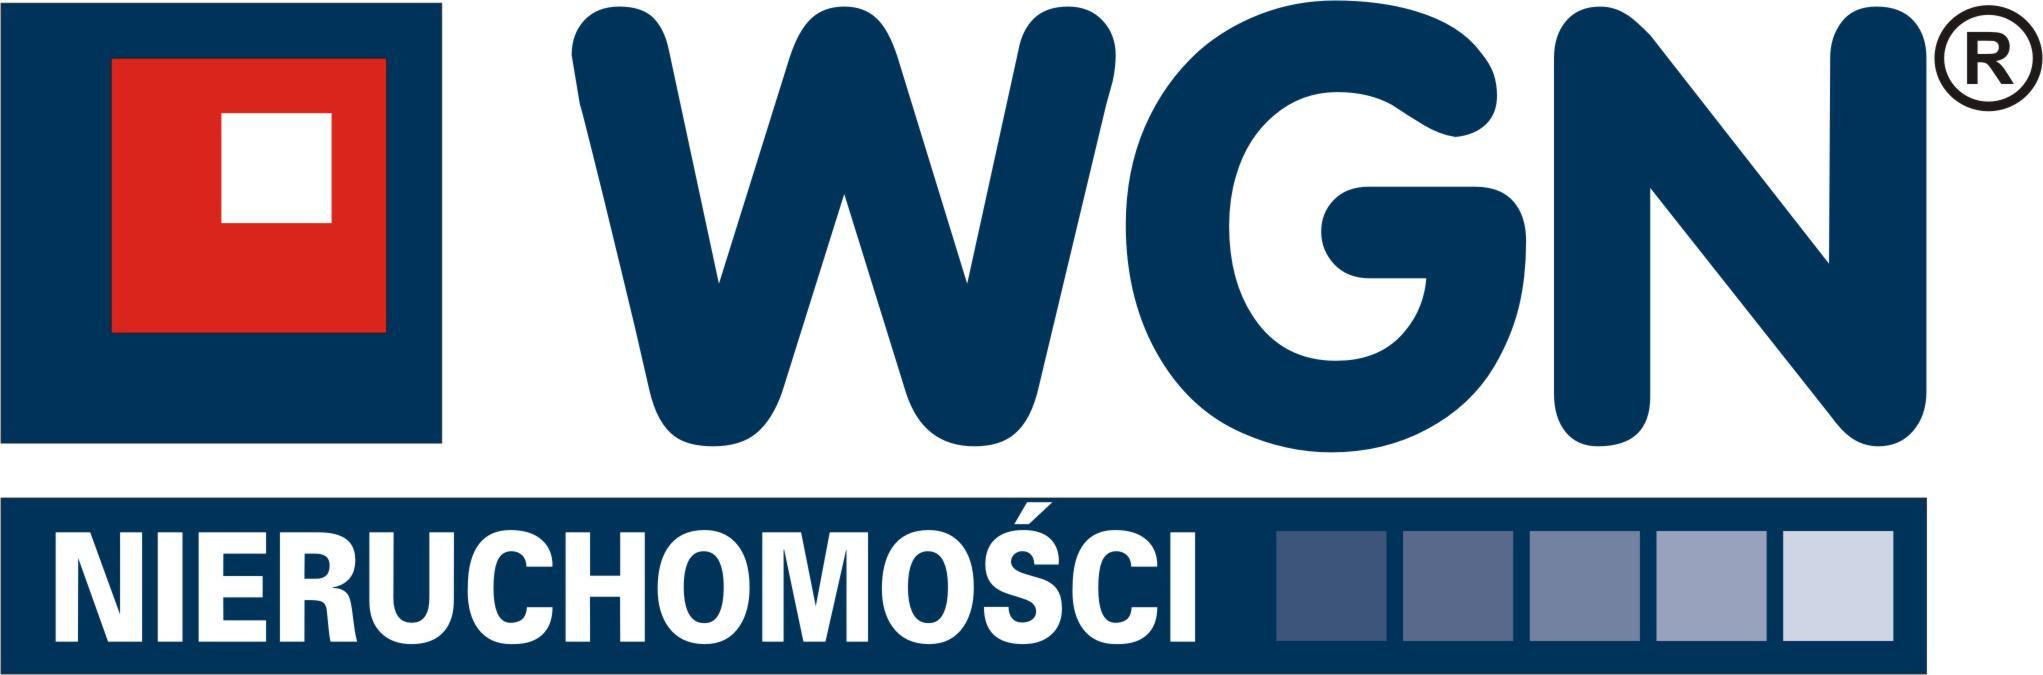 logo-WGN-2_trce052.jpg